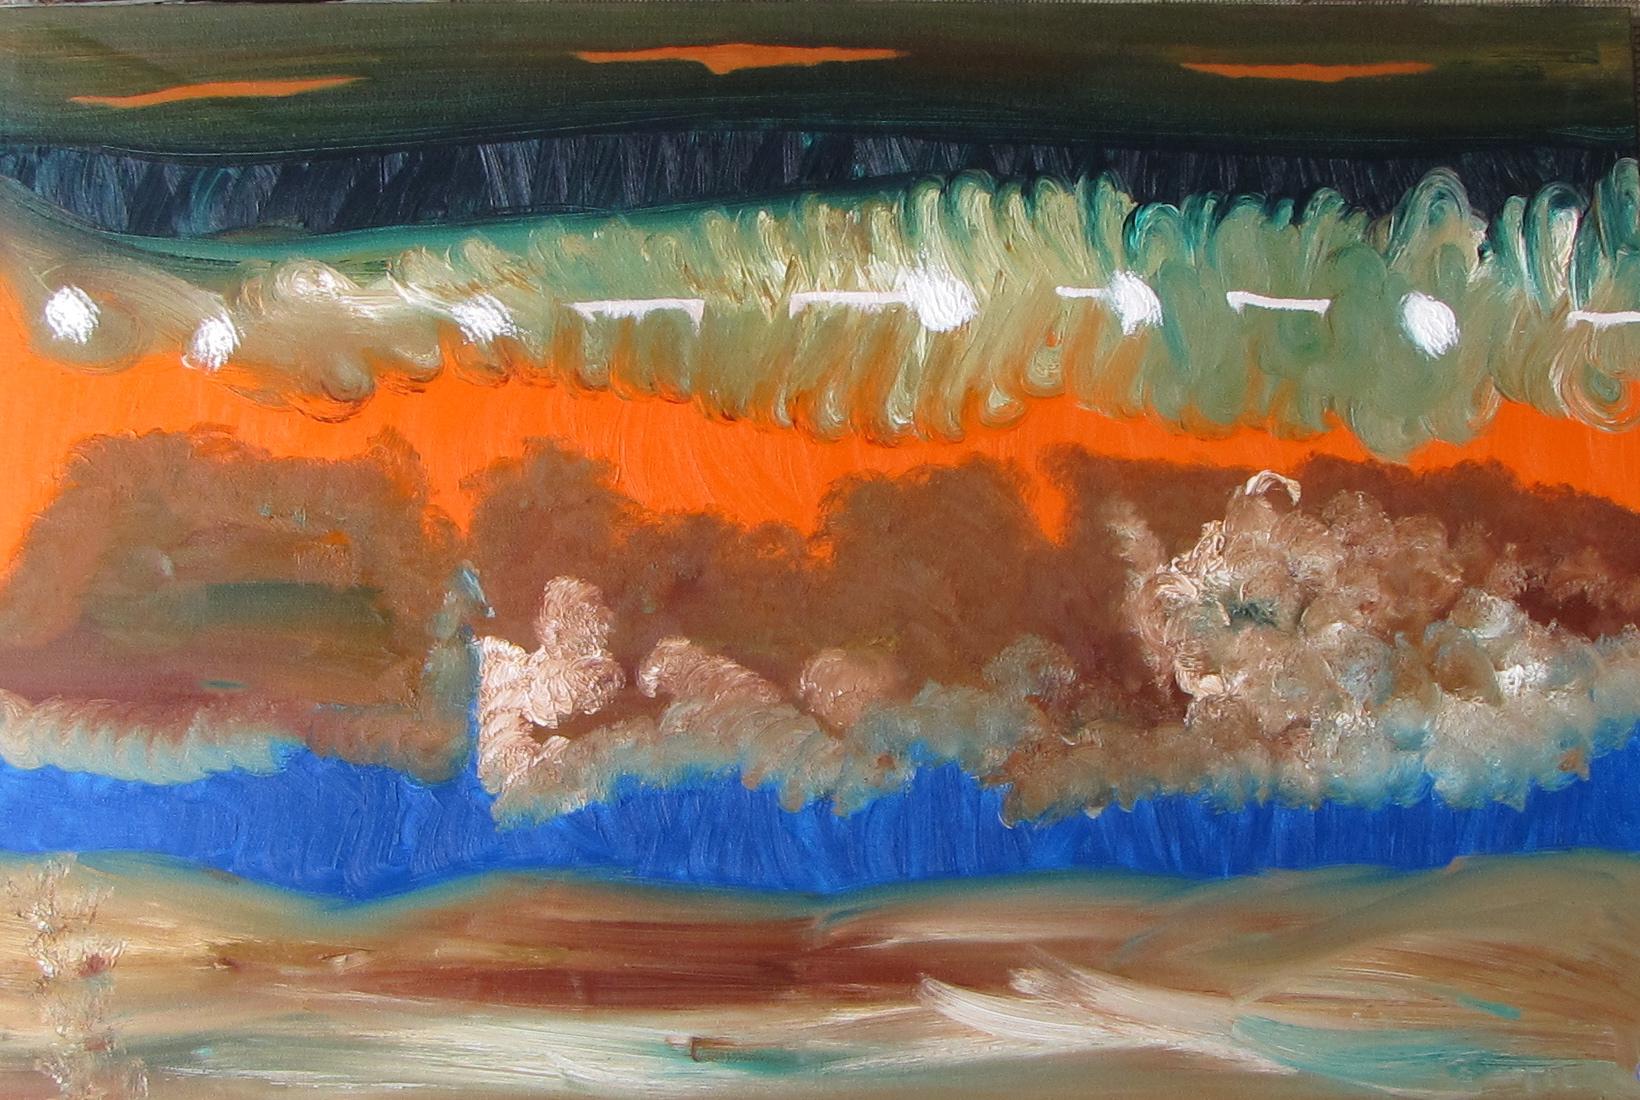 Landscape II, Russell Steven Powell oil on canvas, 36x24